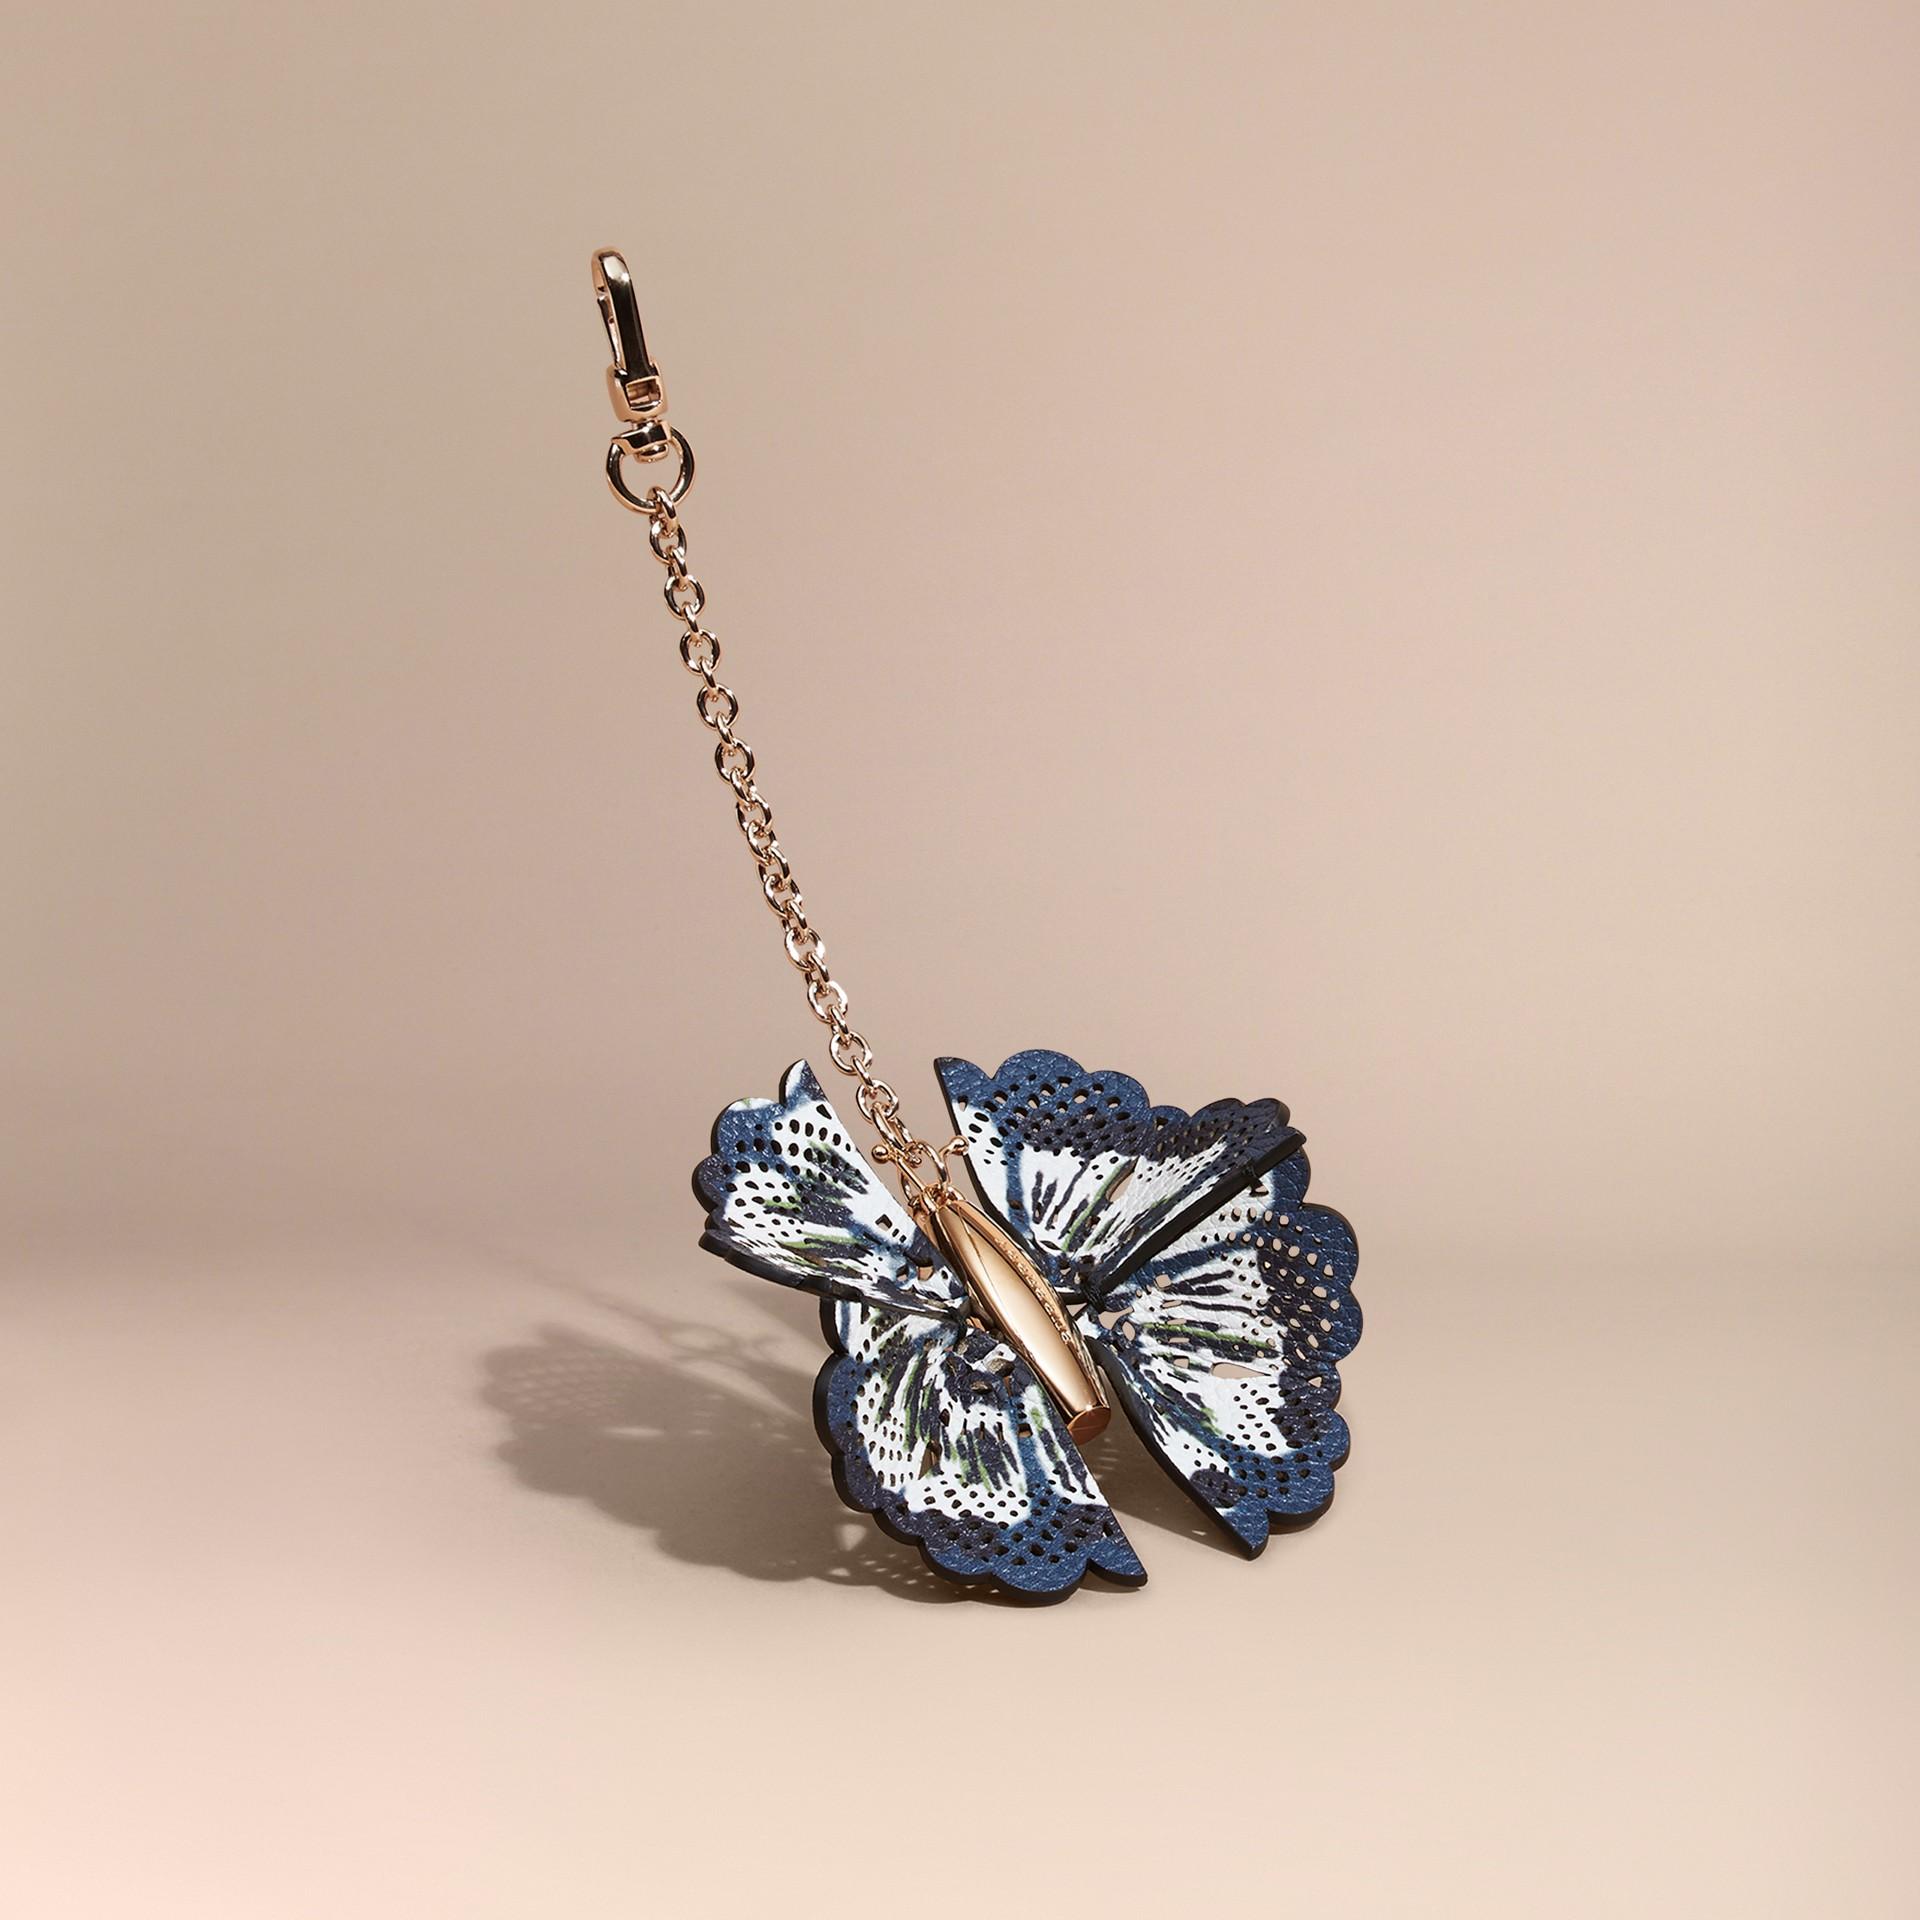 Bleu azur intense/marine brillant Bijou porte-clés Papillon en cuir à imprimé tie and dye Bleu Azur Intense/marine Brillant - photo de la galerie 1